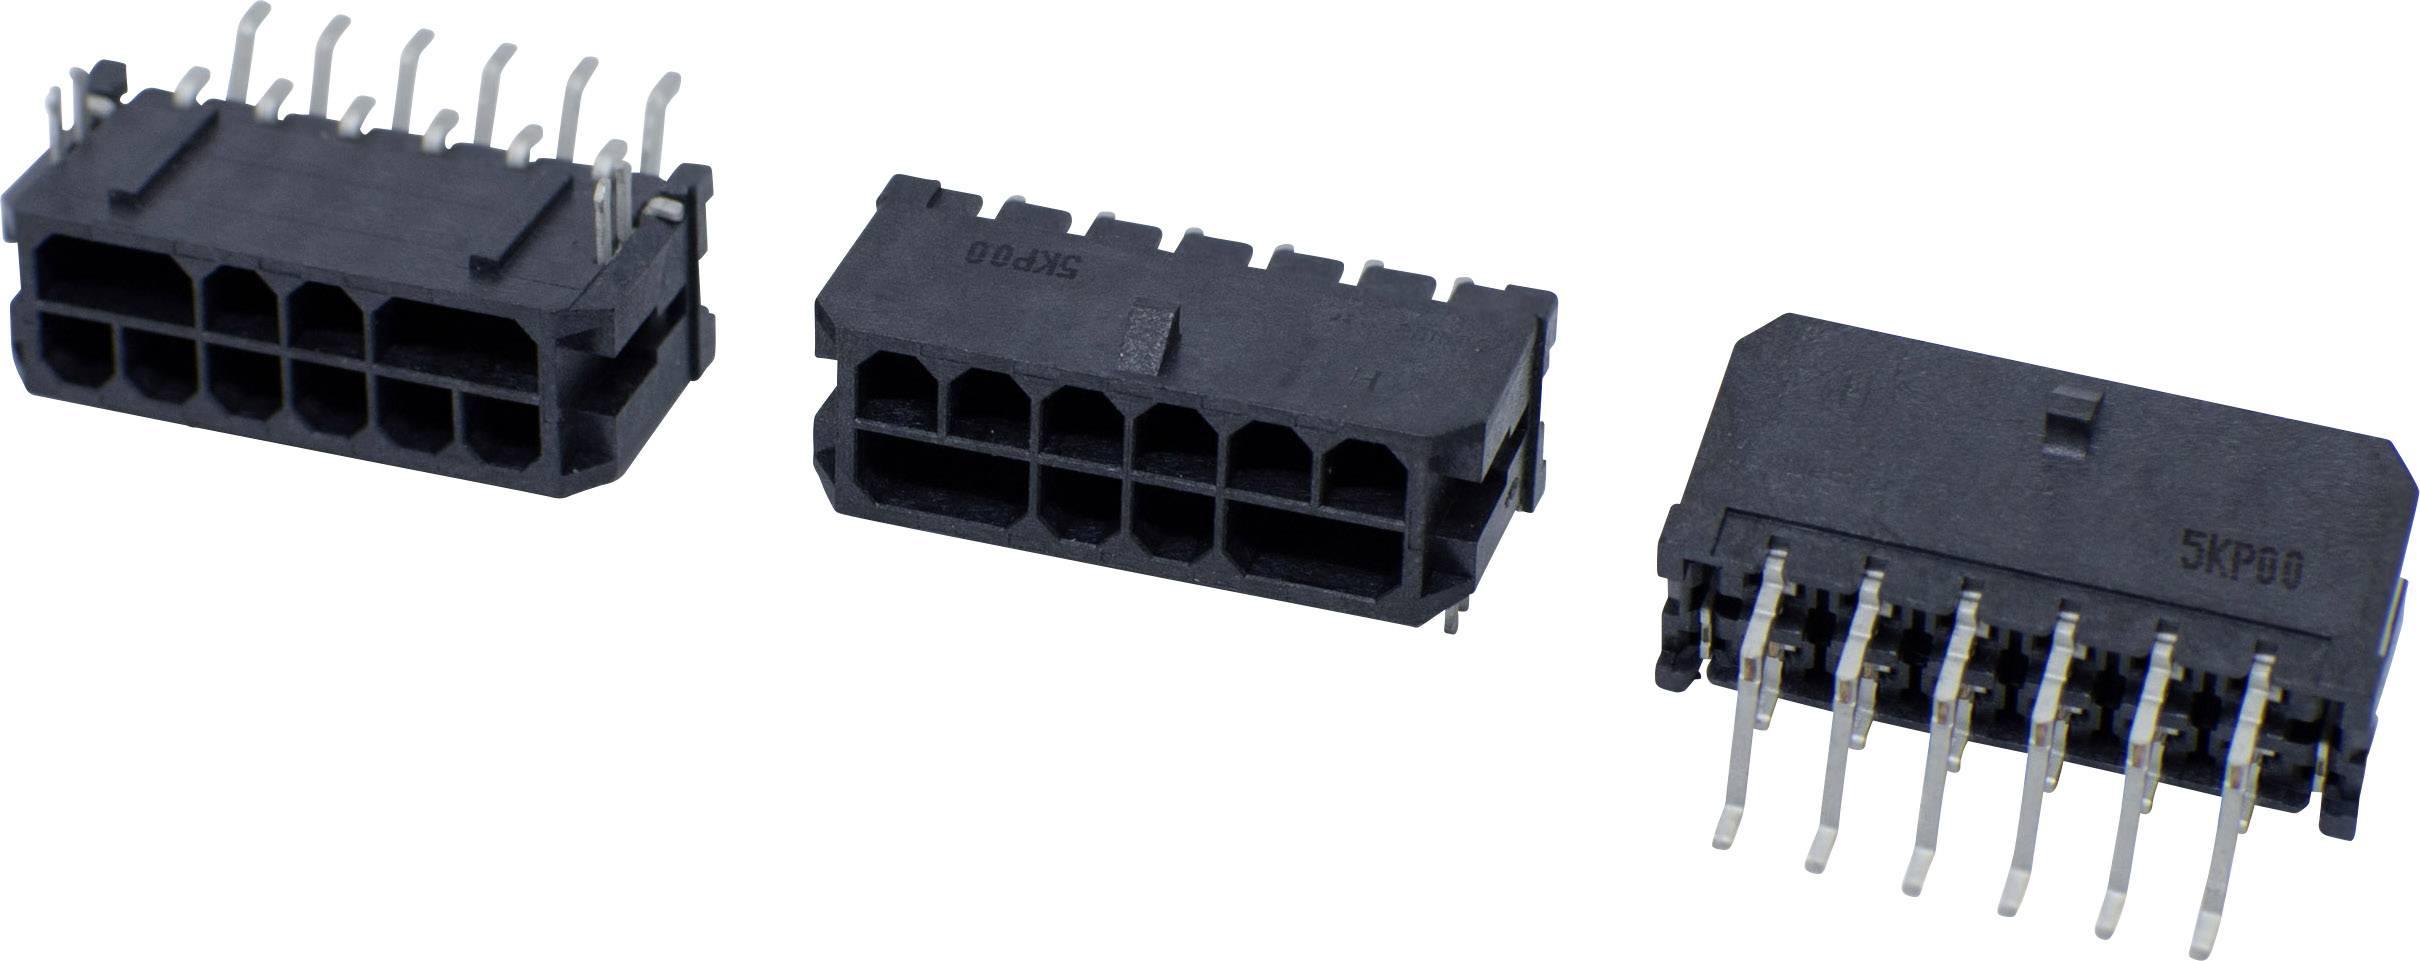 Pinová lišta (štandardná) BellWether 70096-1208, pólů 12, rozteč 3 mm, 1 ks